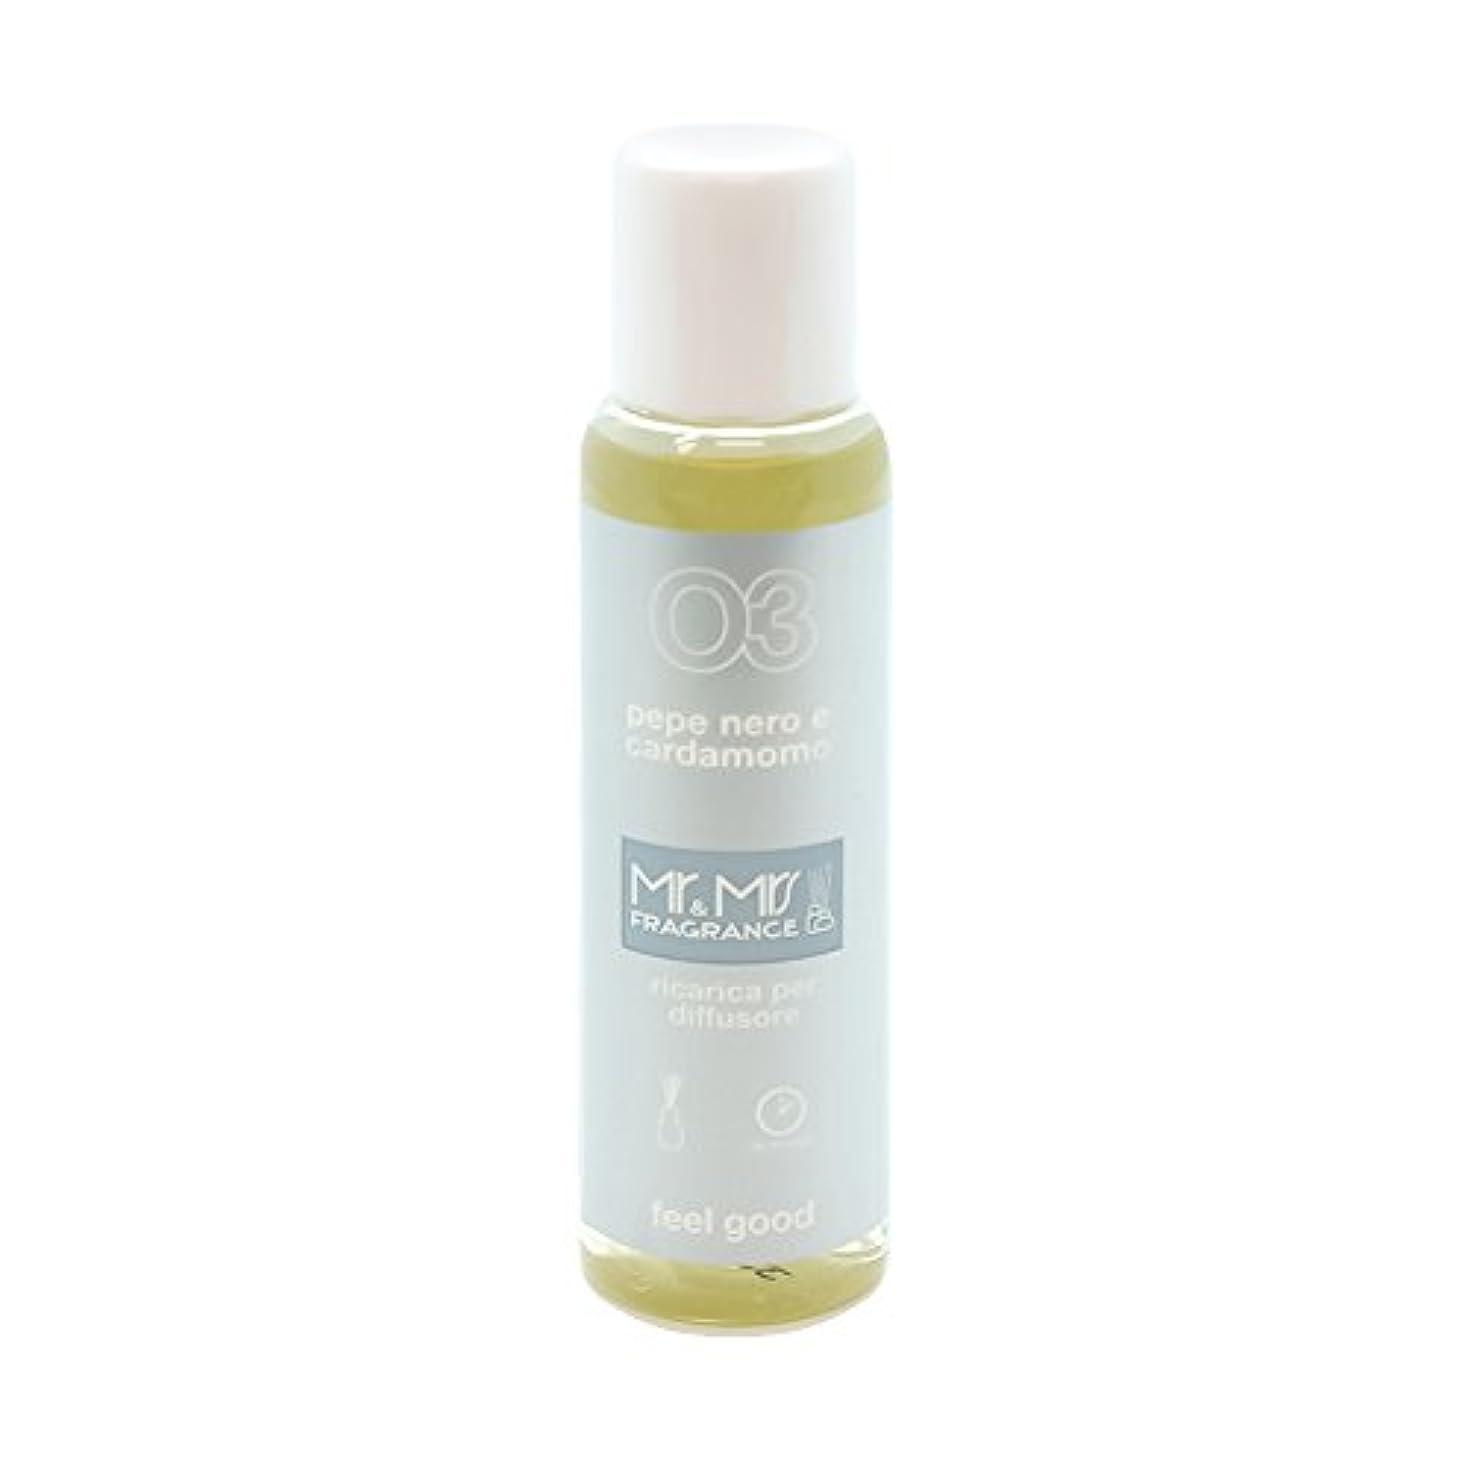 Mr&Mrs(ミスターアンドミセス)easy fragrance 03 ブラックペッパー&カルダモン リフィル 100ml